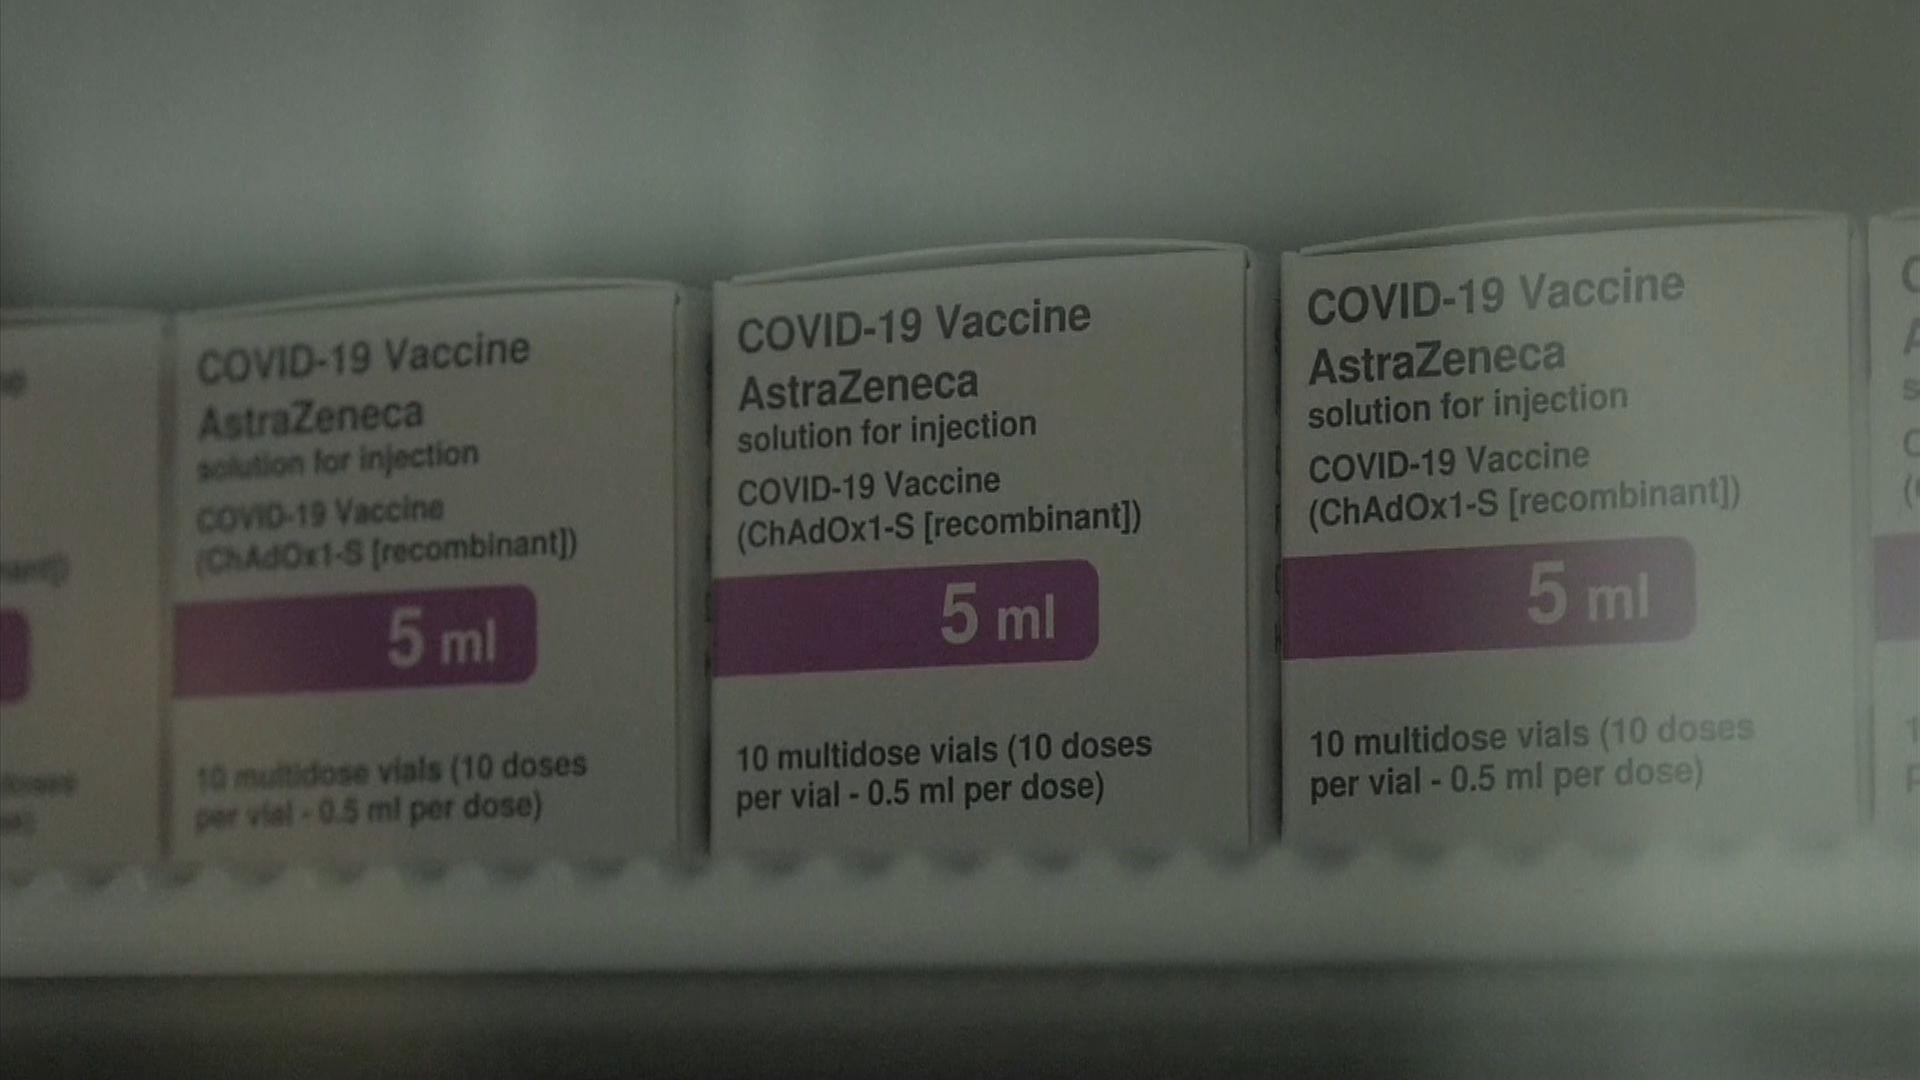 歐洲藥品管理局認為阿斯利康疫苗可能與血栓有關